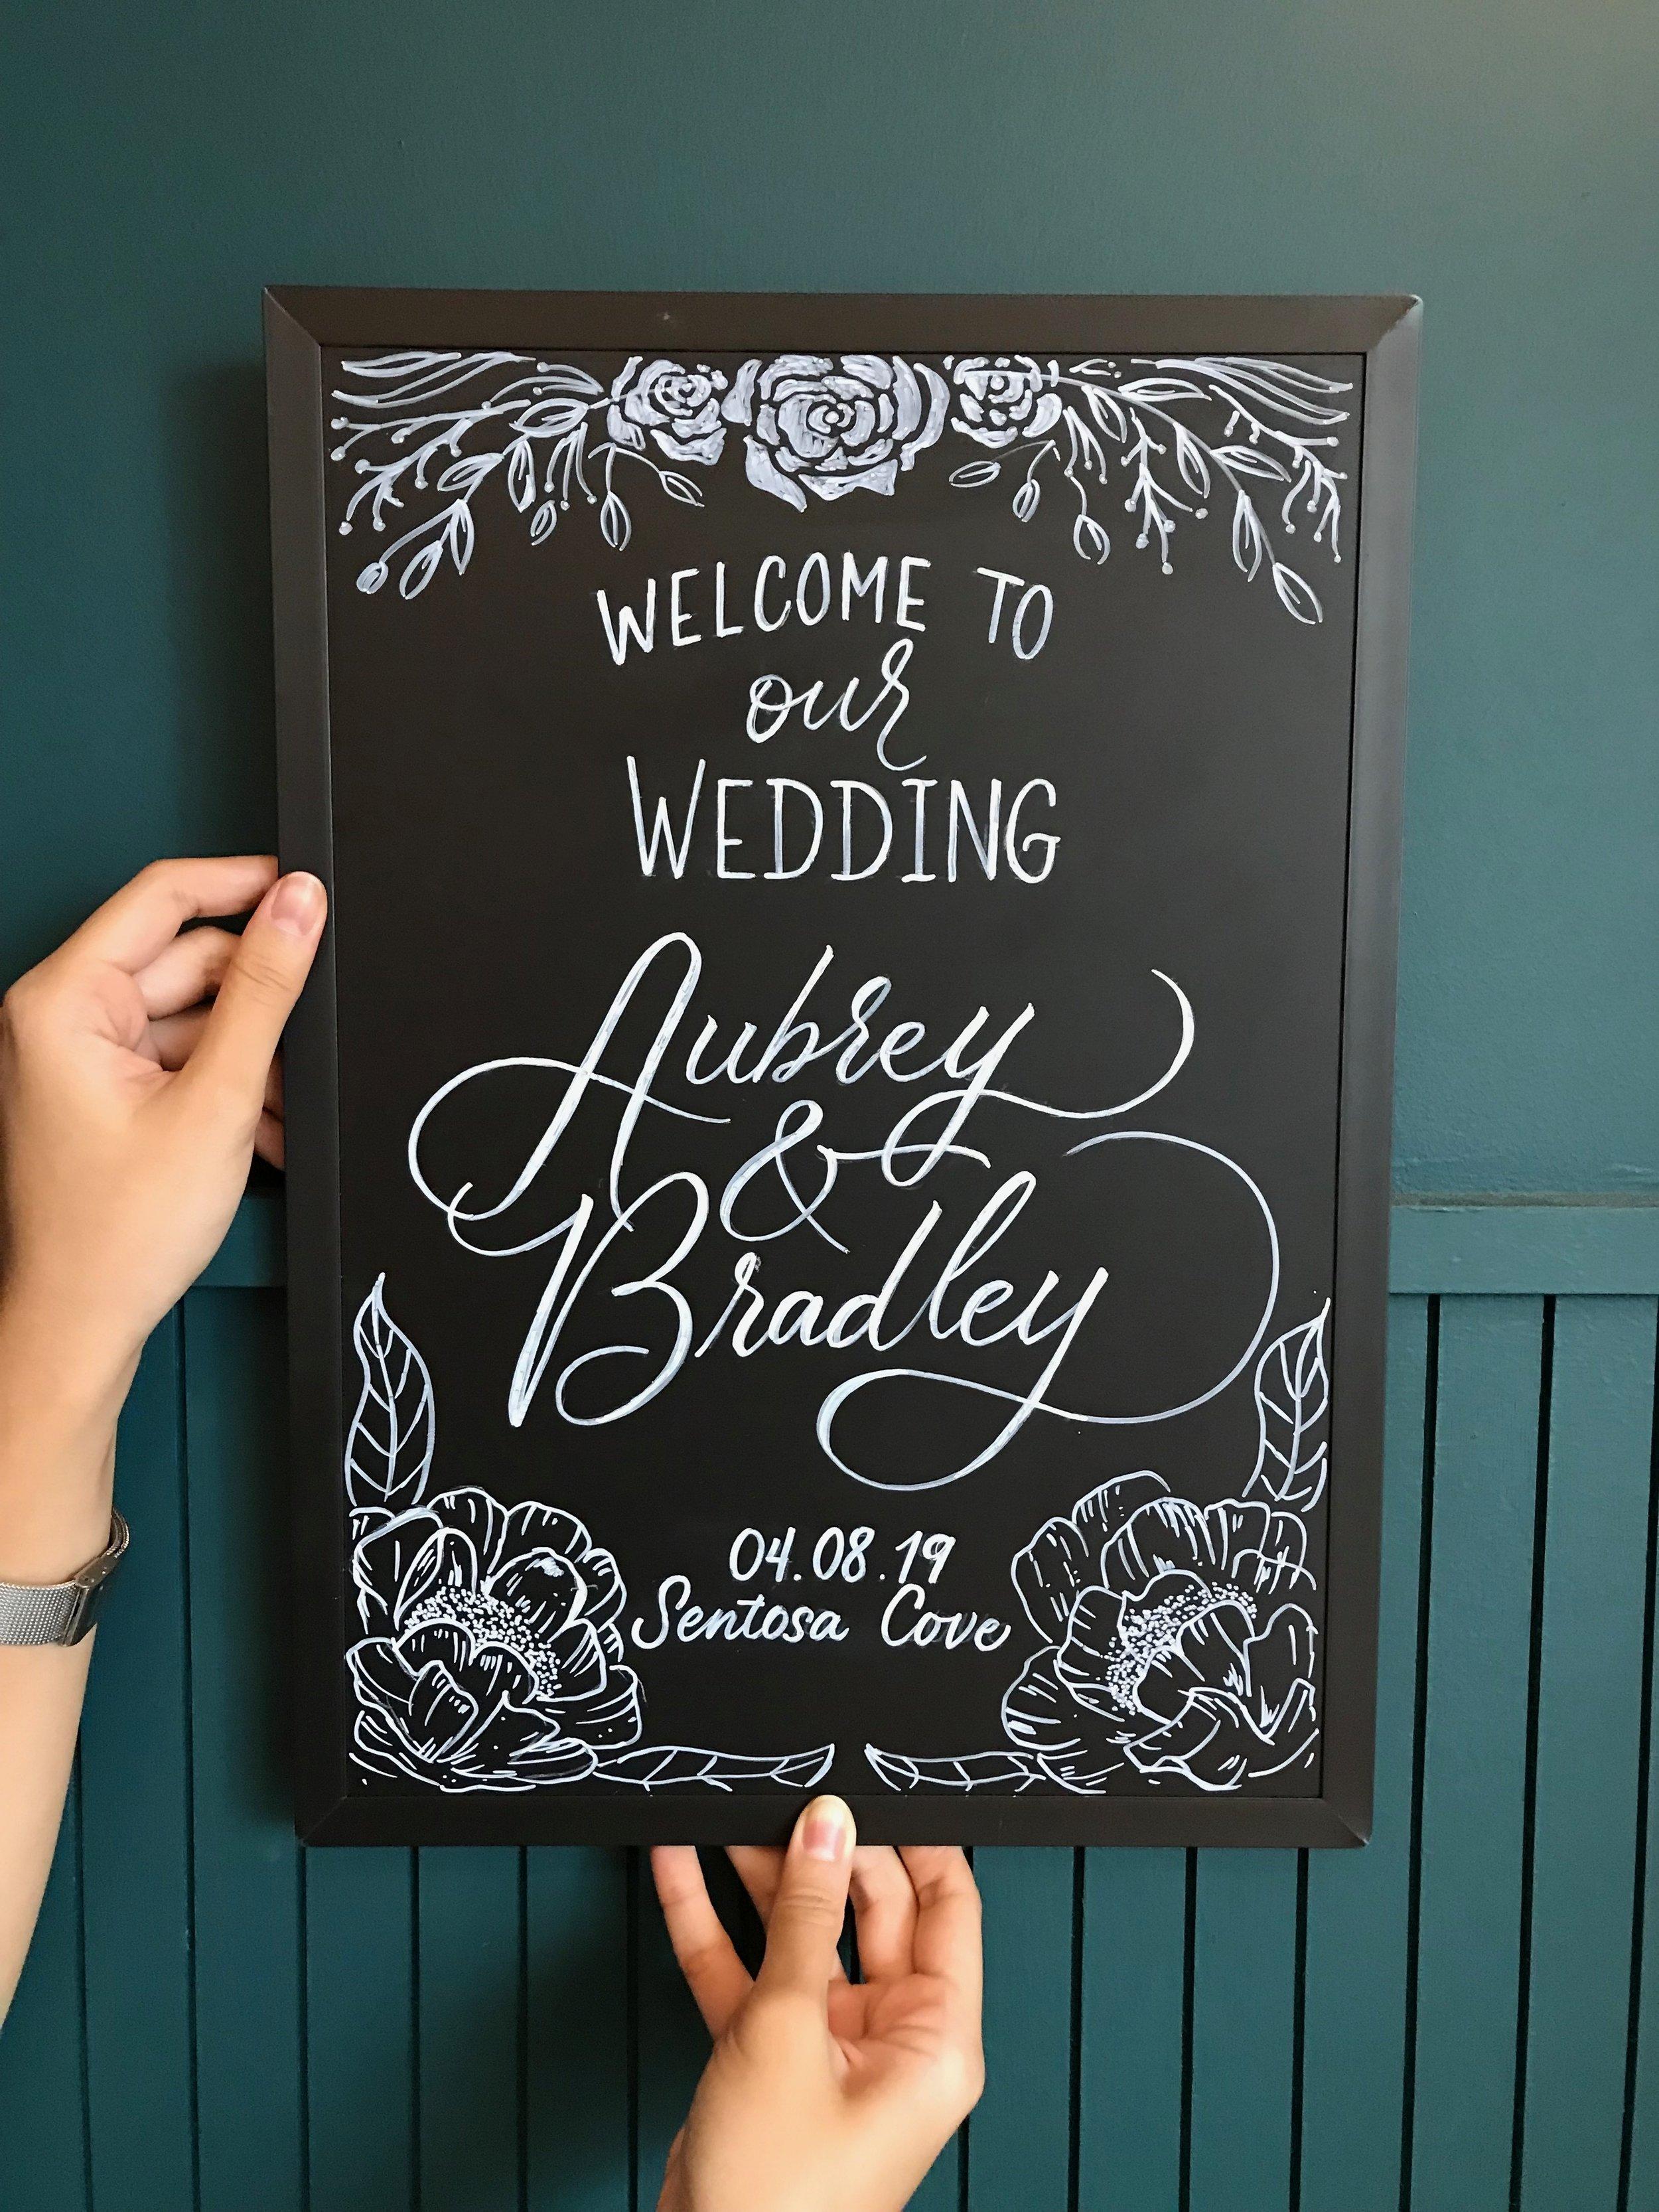 Aubre and Bradley Wedding Chalkboard Signage